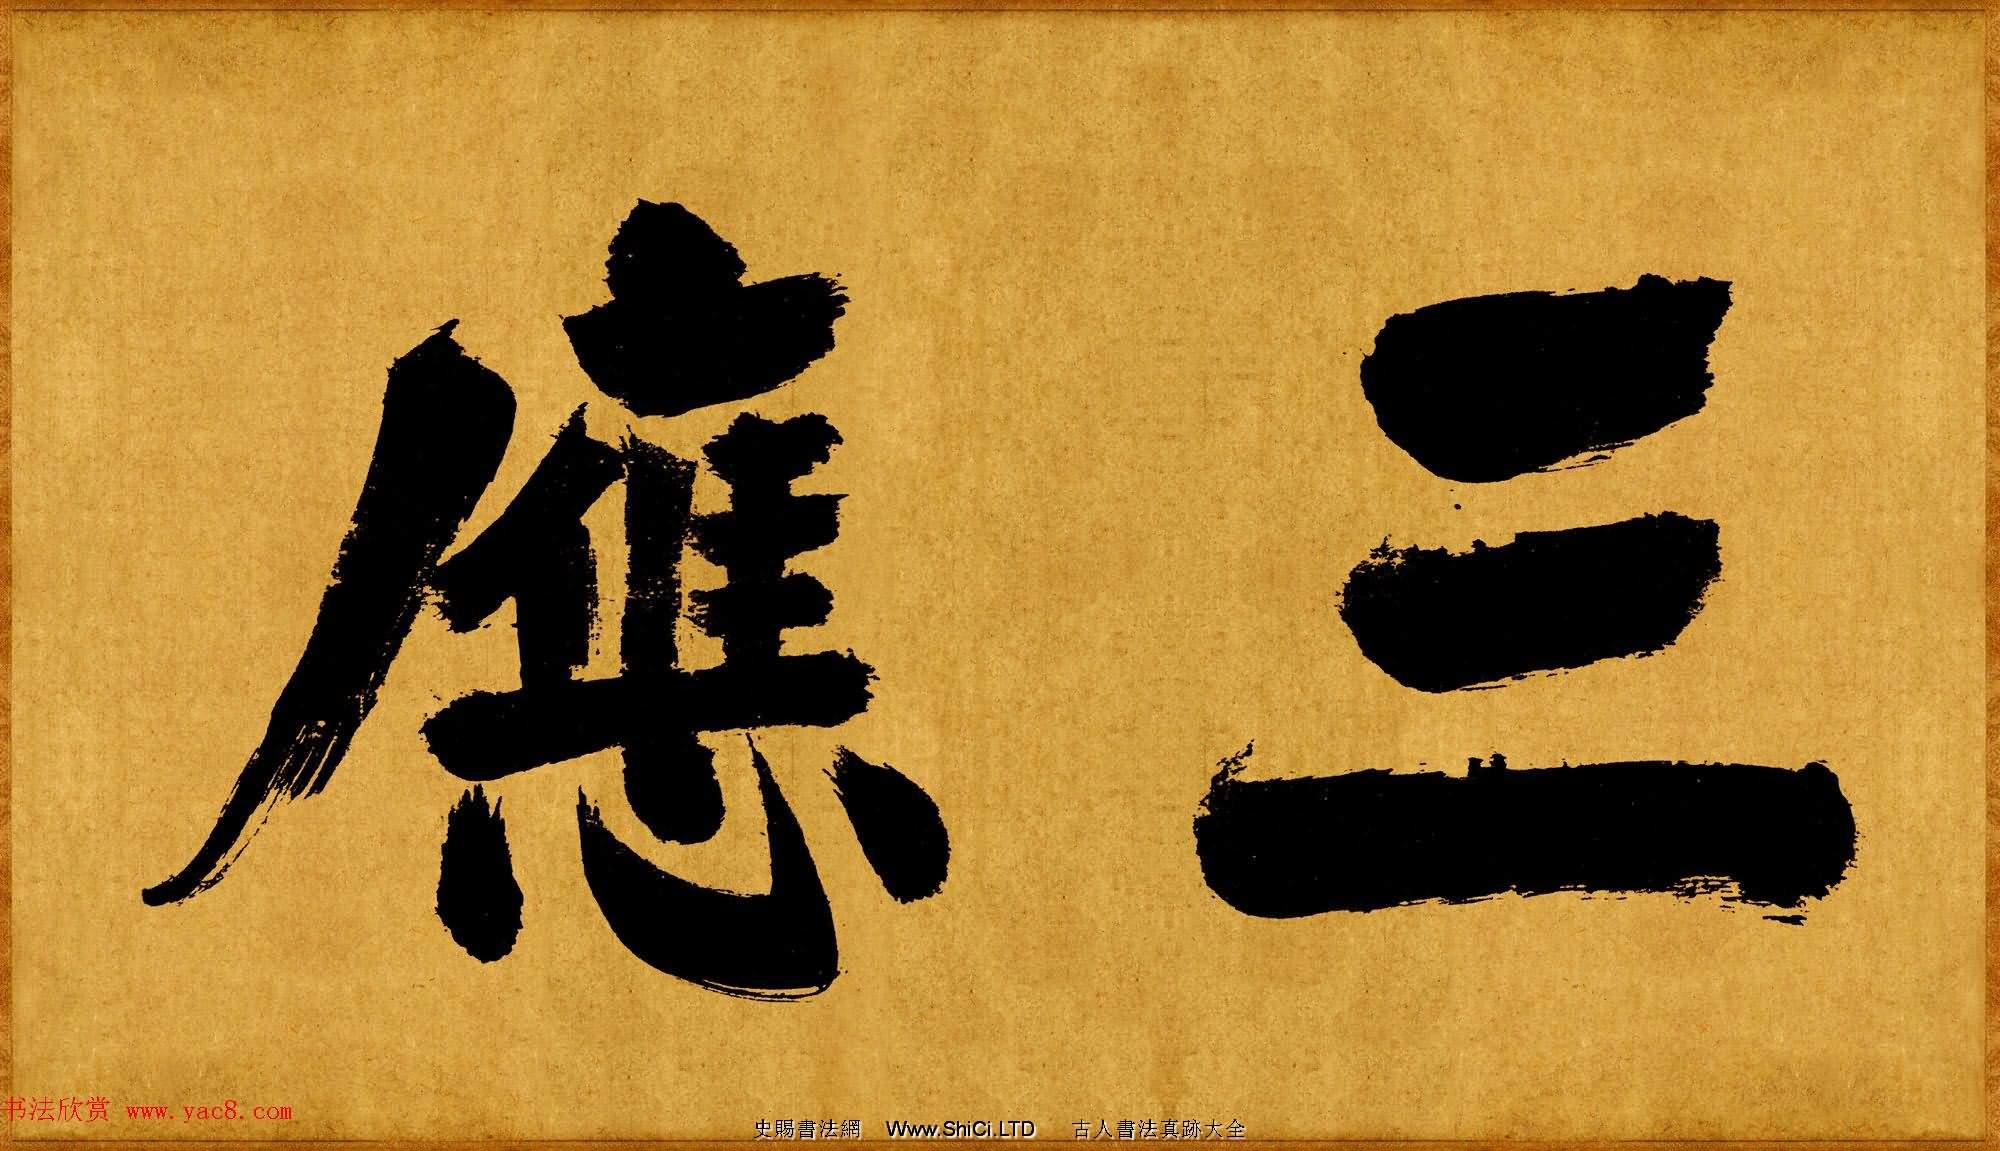 張即之榜書欣賞《大德名帖東福寺匾額題字》